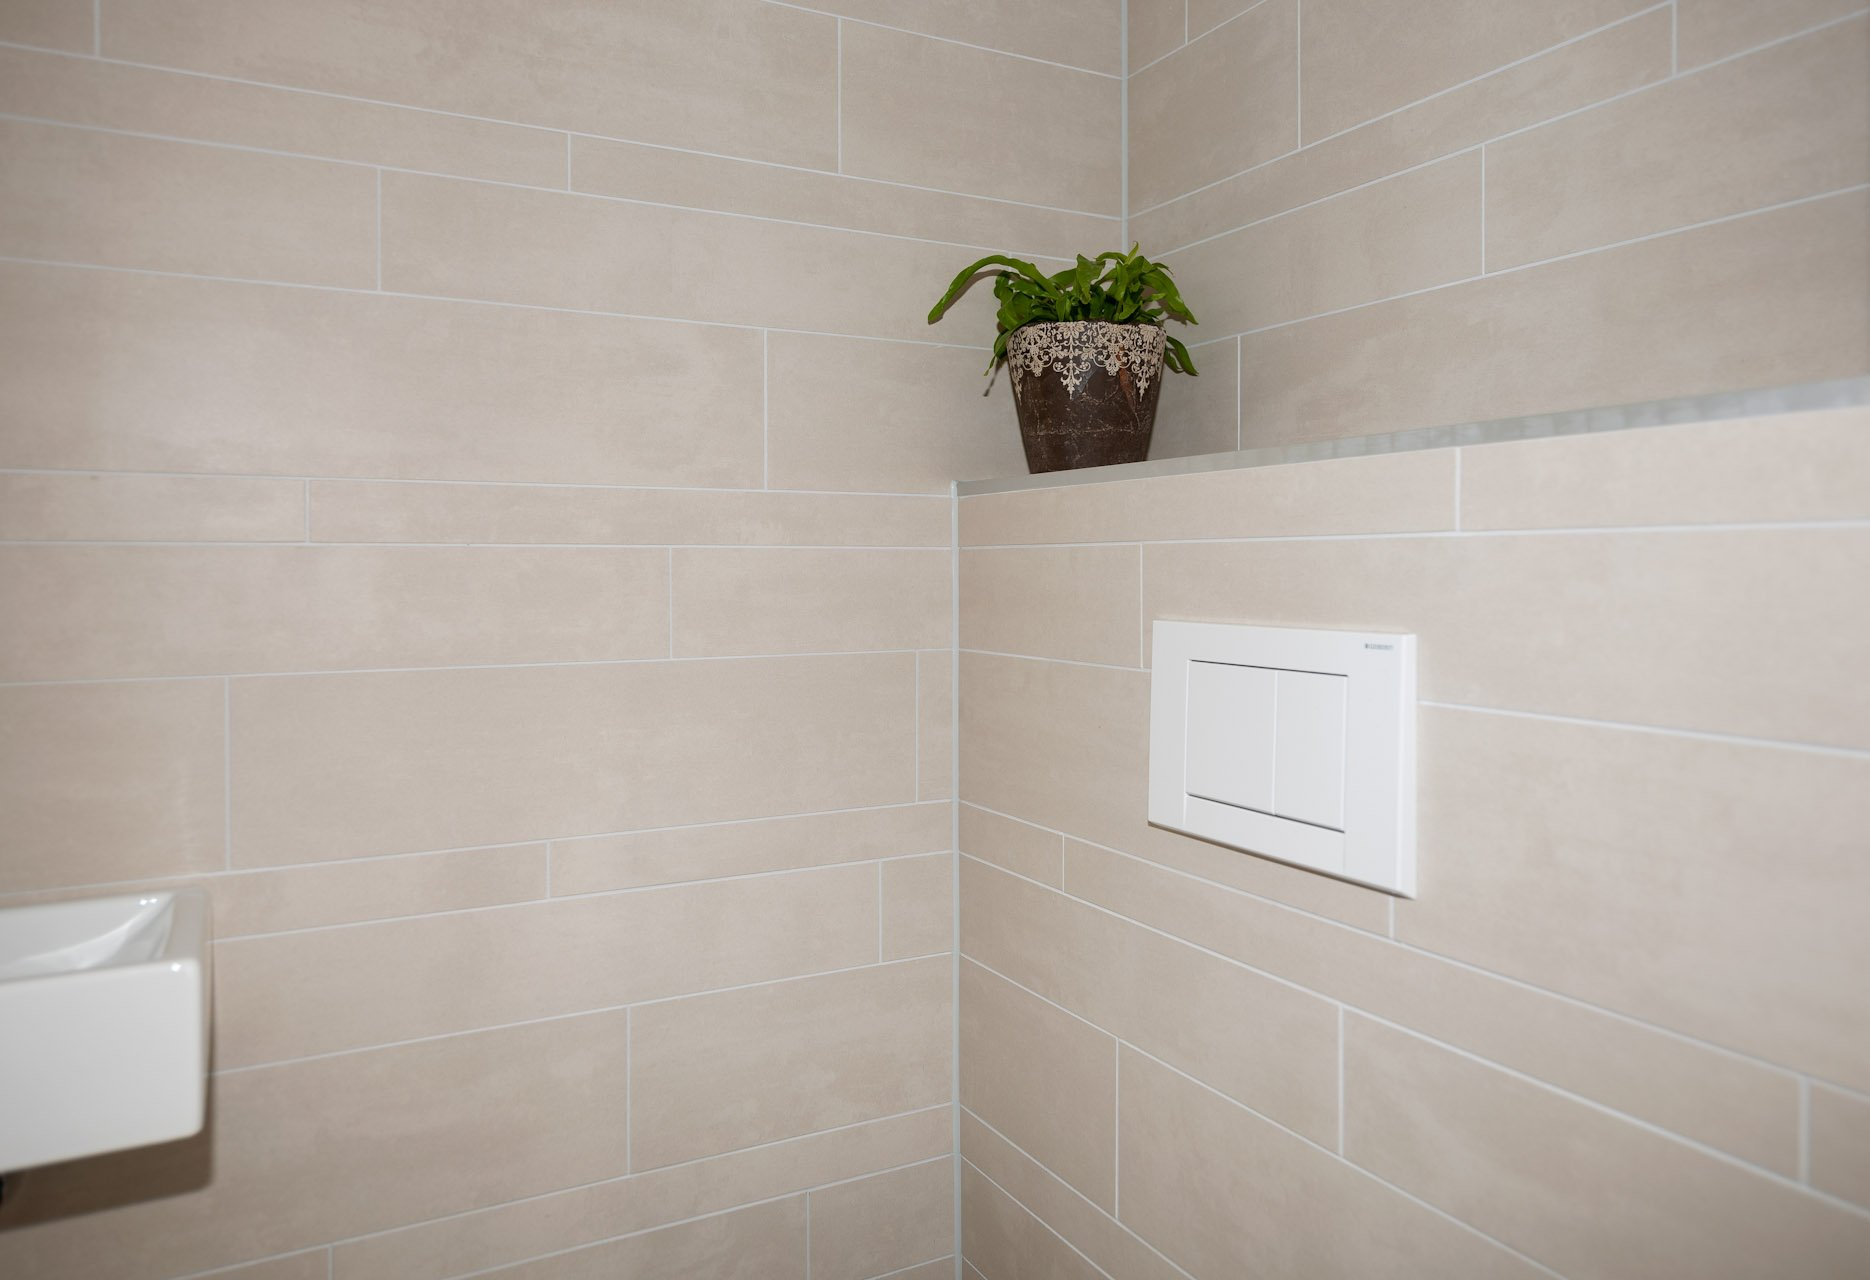 Badkamer Tegels Praxis : Praxis badkamers voorbeelden stunning badkamer ideeen opslag with